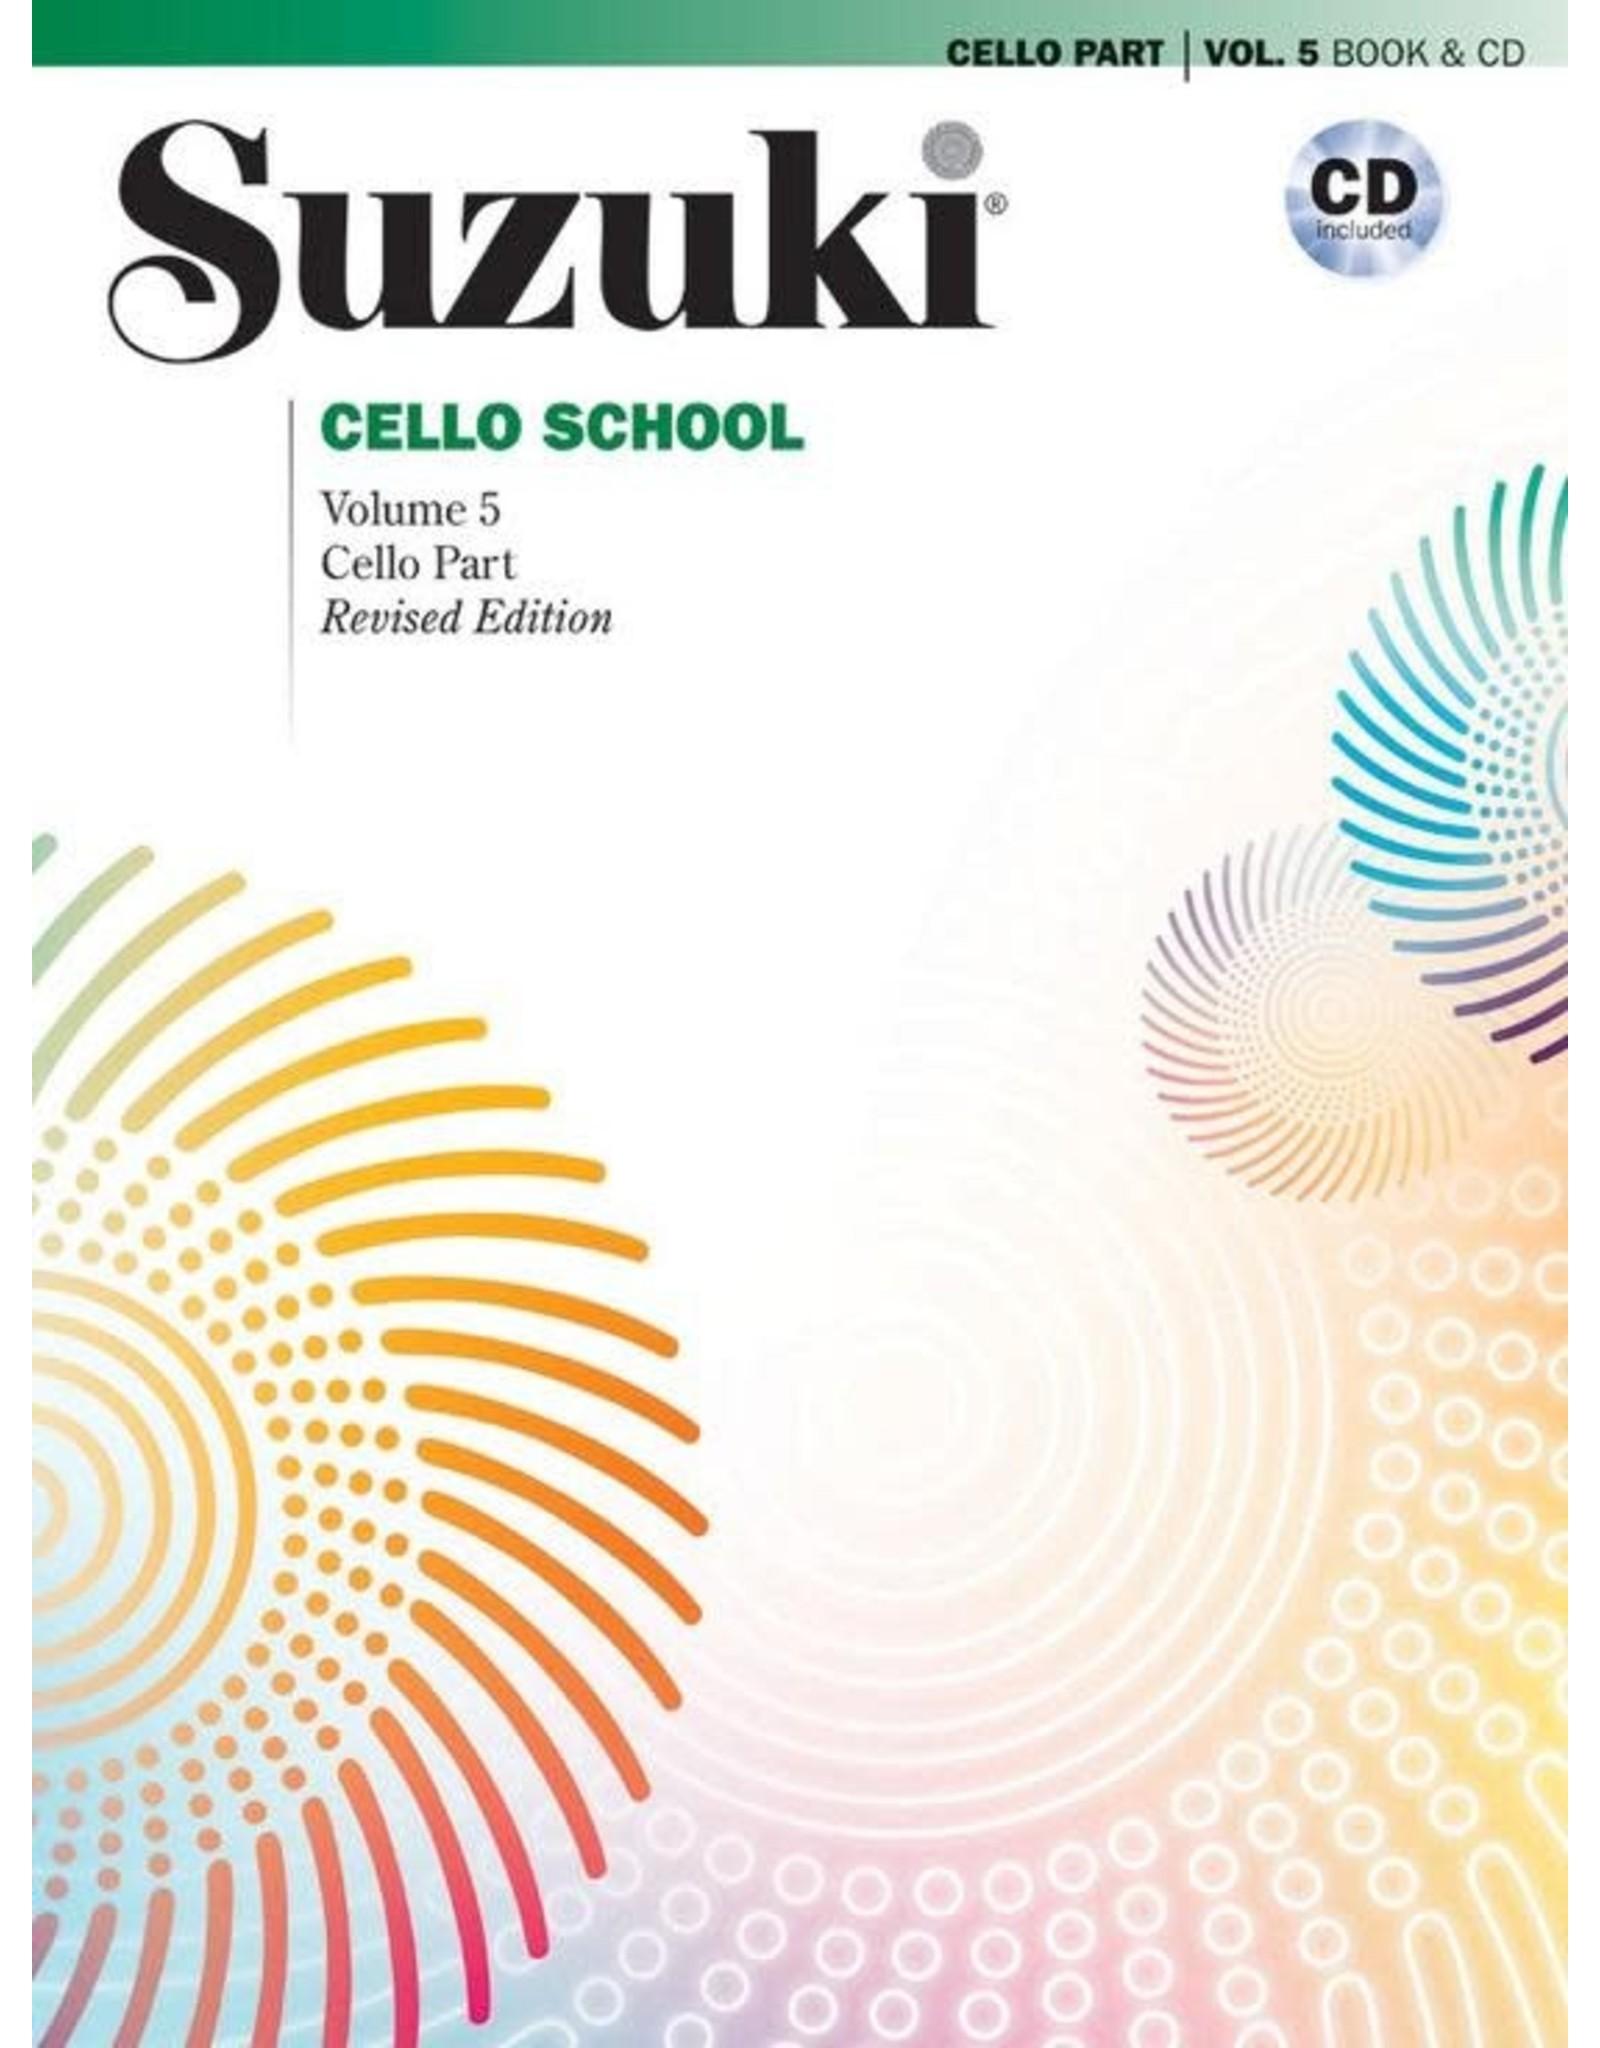 Alfred Suzuki Cello School 5 book & CD (revised)